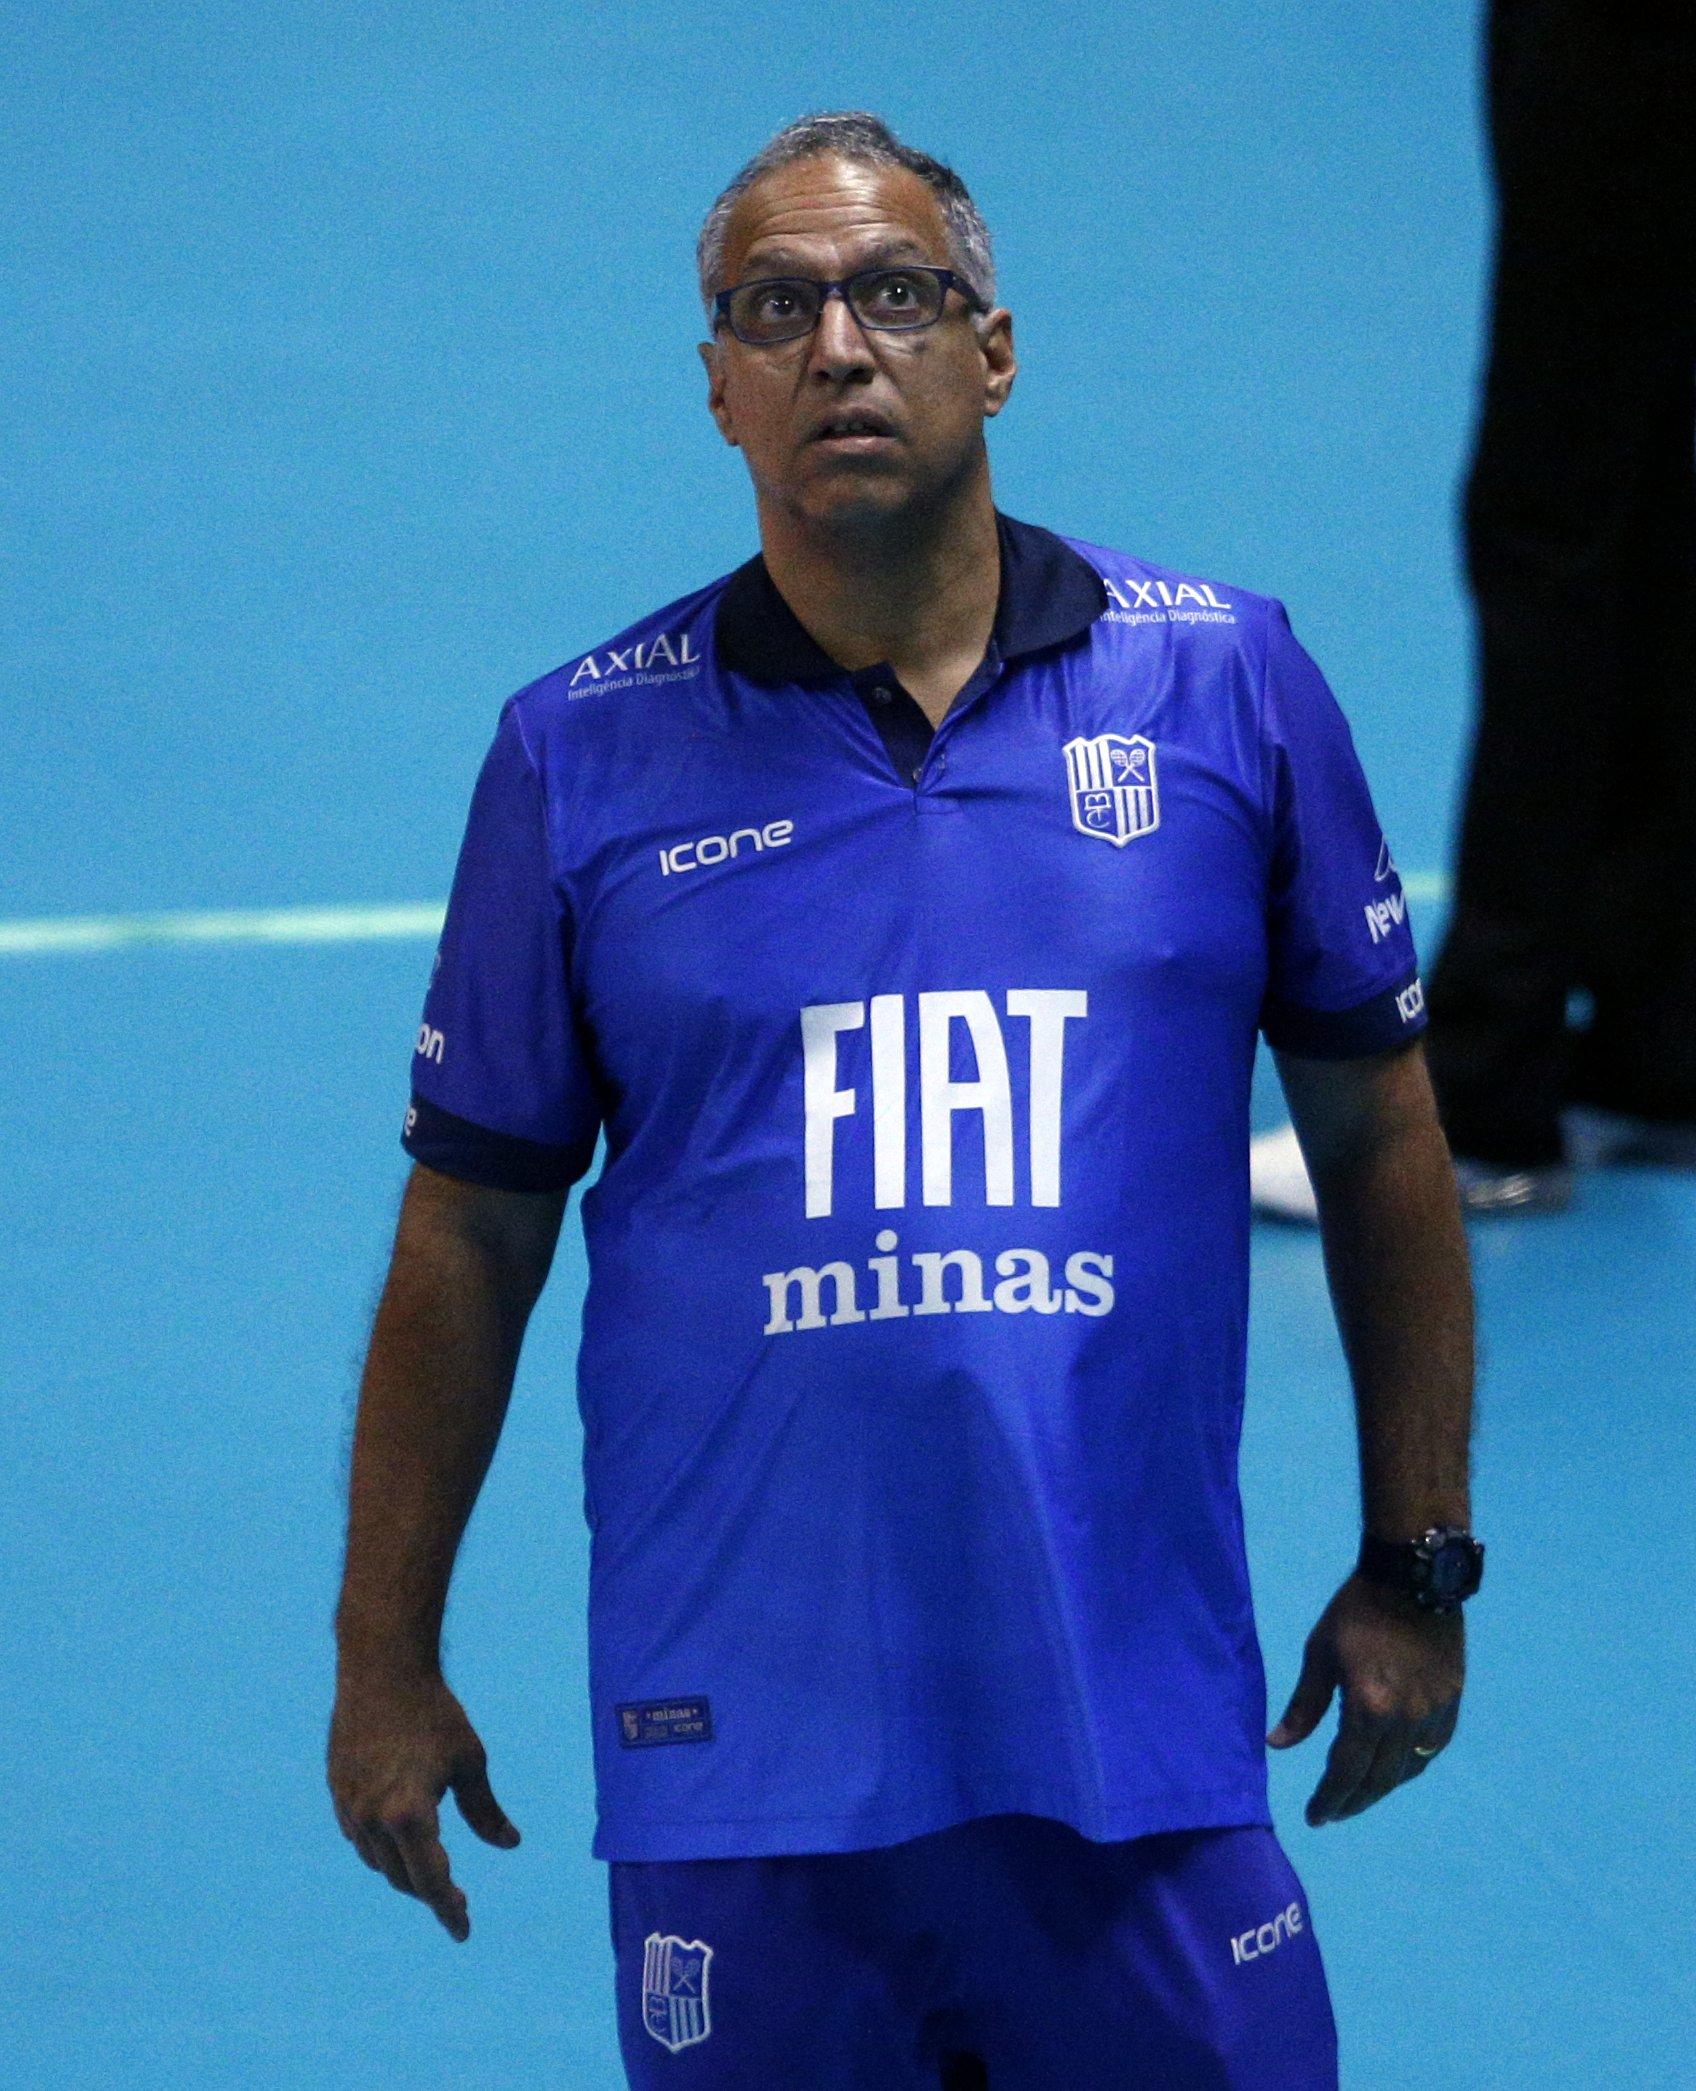 Nery Tambeiro aposta em crescimento da equipe minastenista até a semifinal